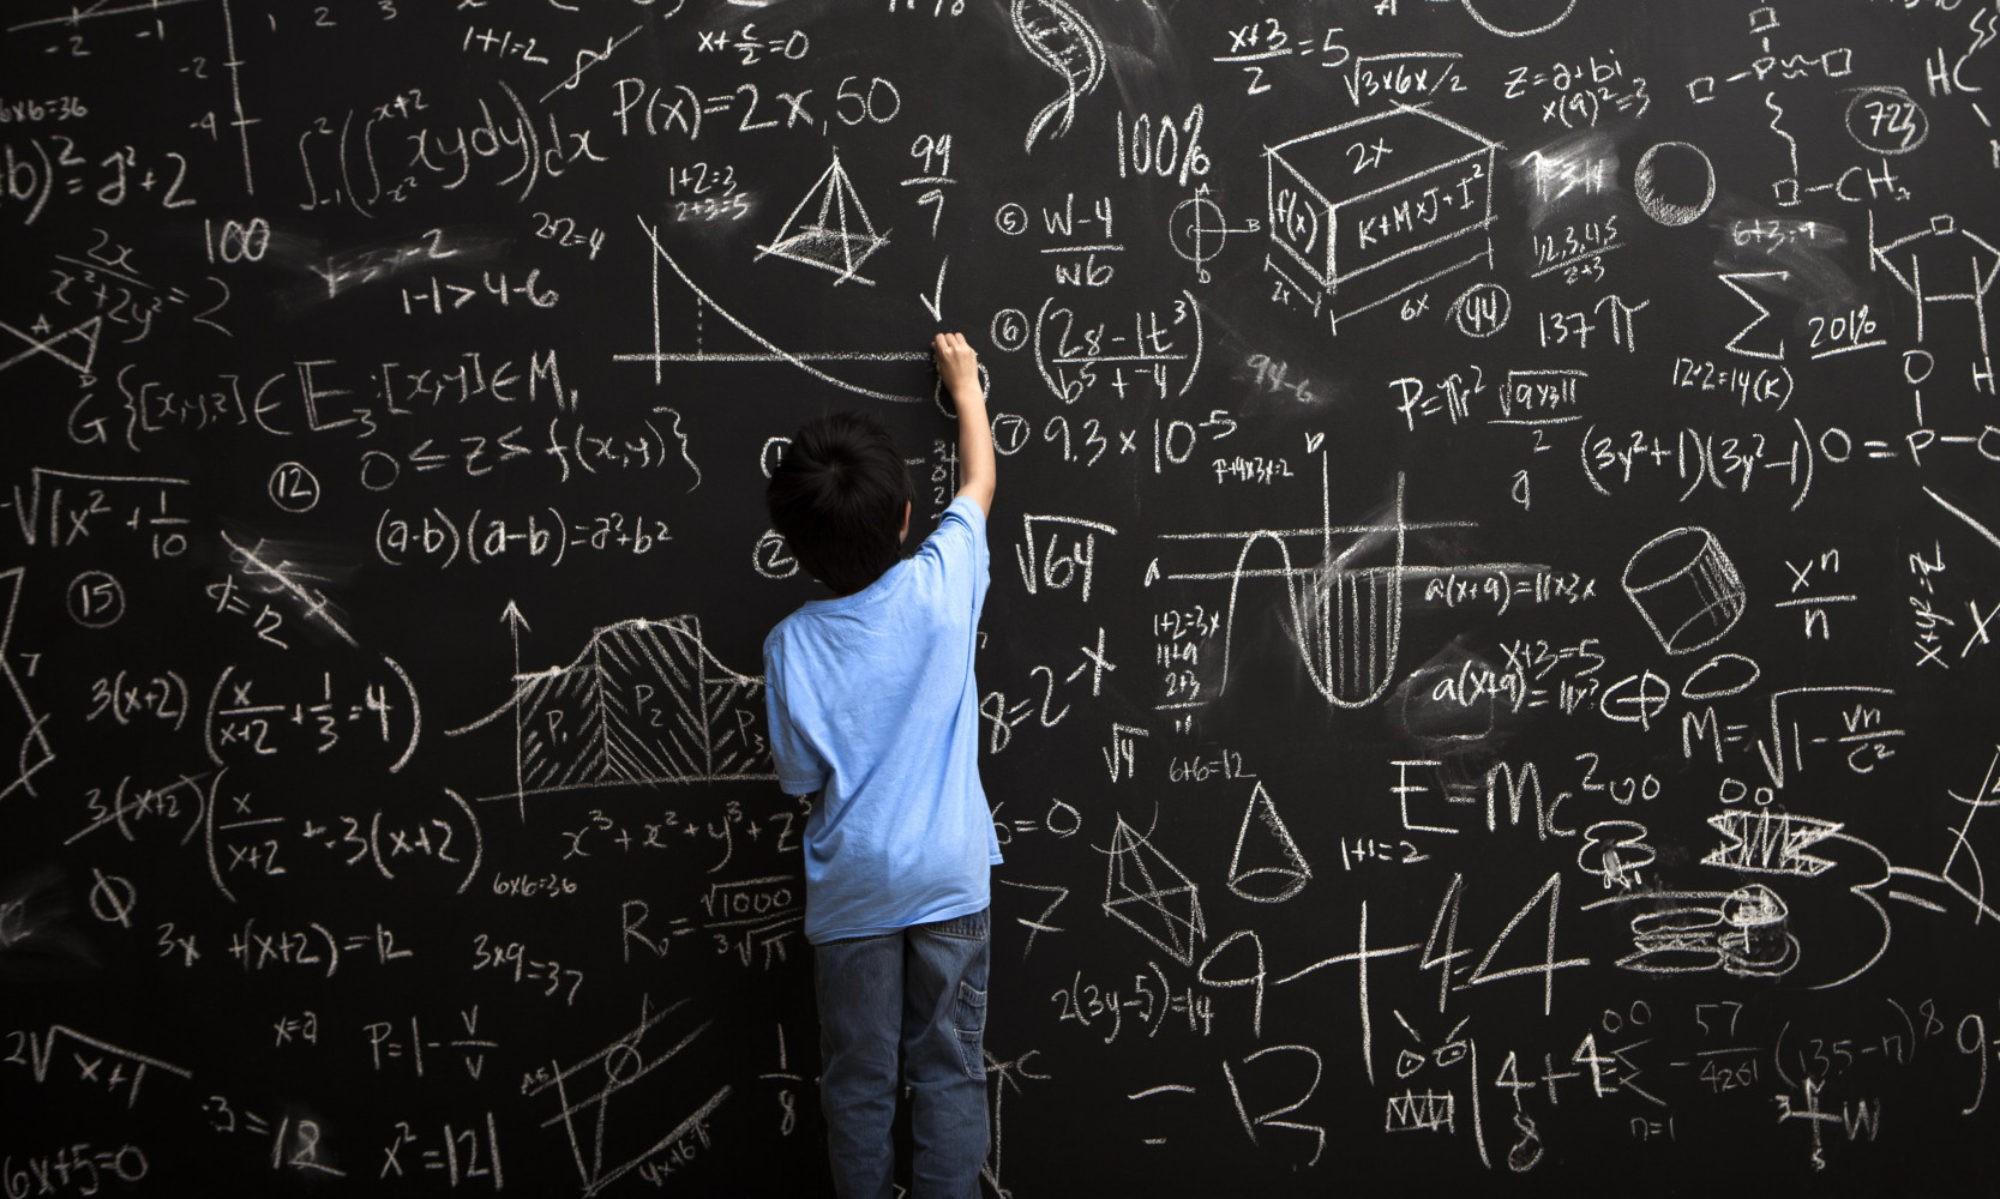 VZN News: Bình thường không ai để ý, nhưng 8 hành vi này cho thấy một người sẽ cực kỳ thông minh trong tương lai - Ảnh 1.